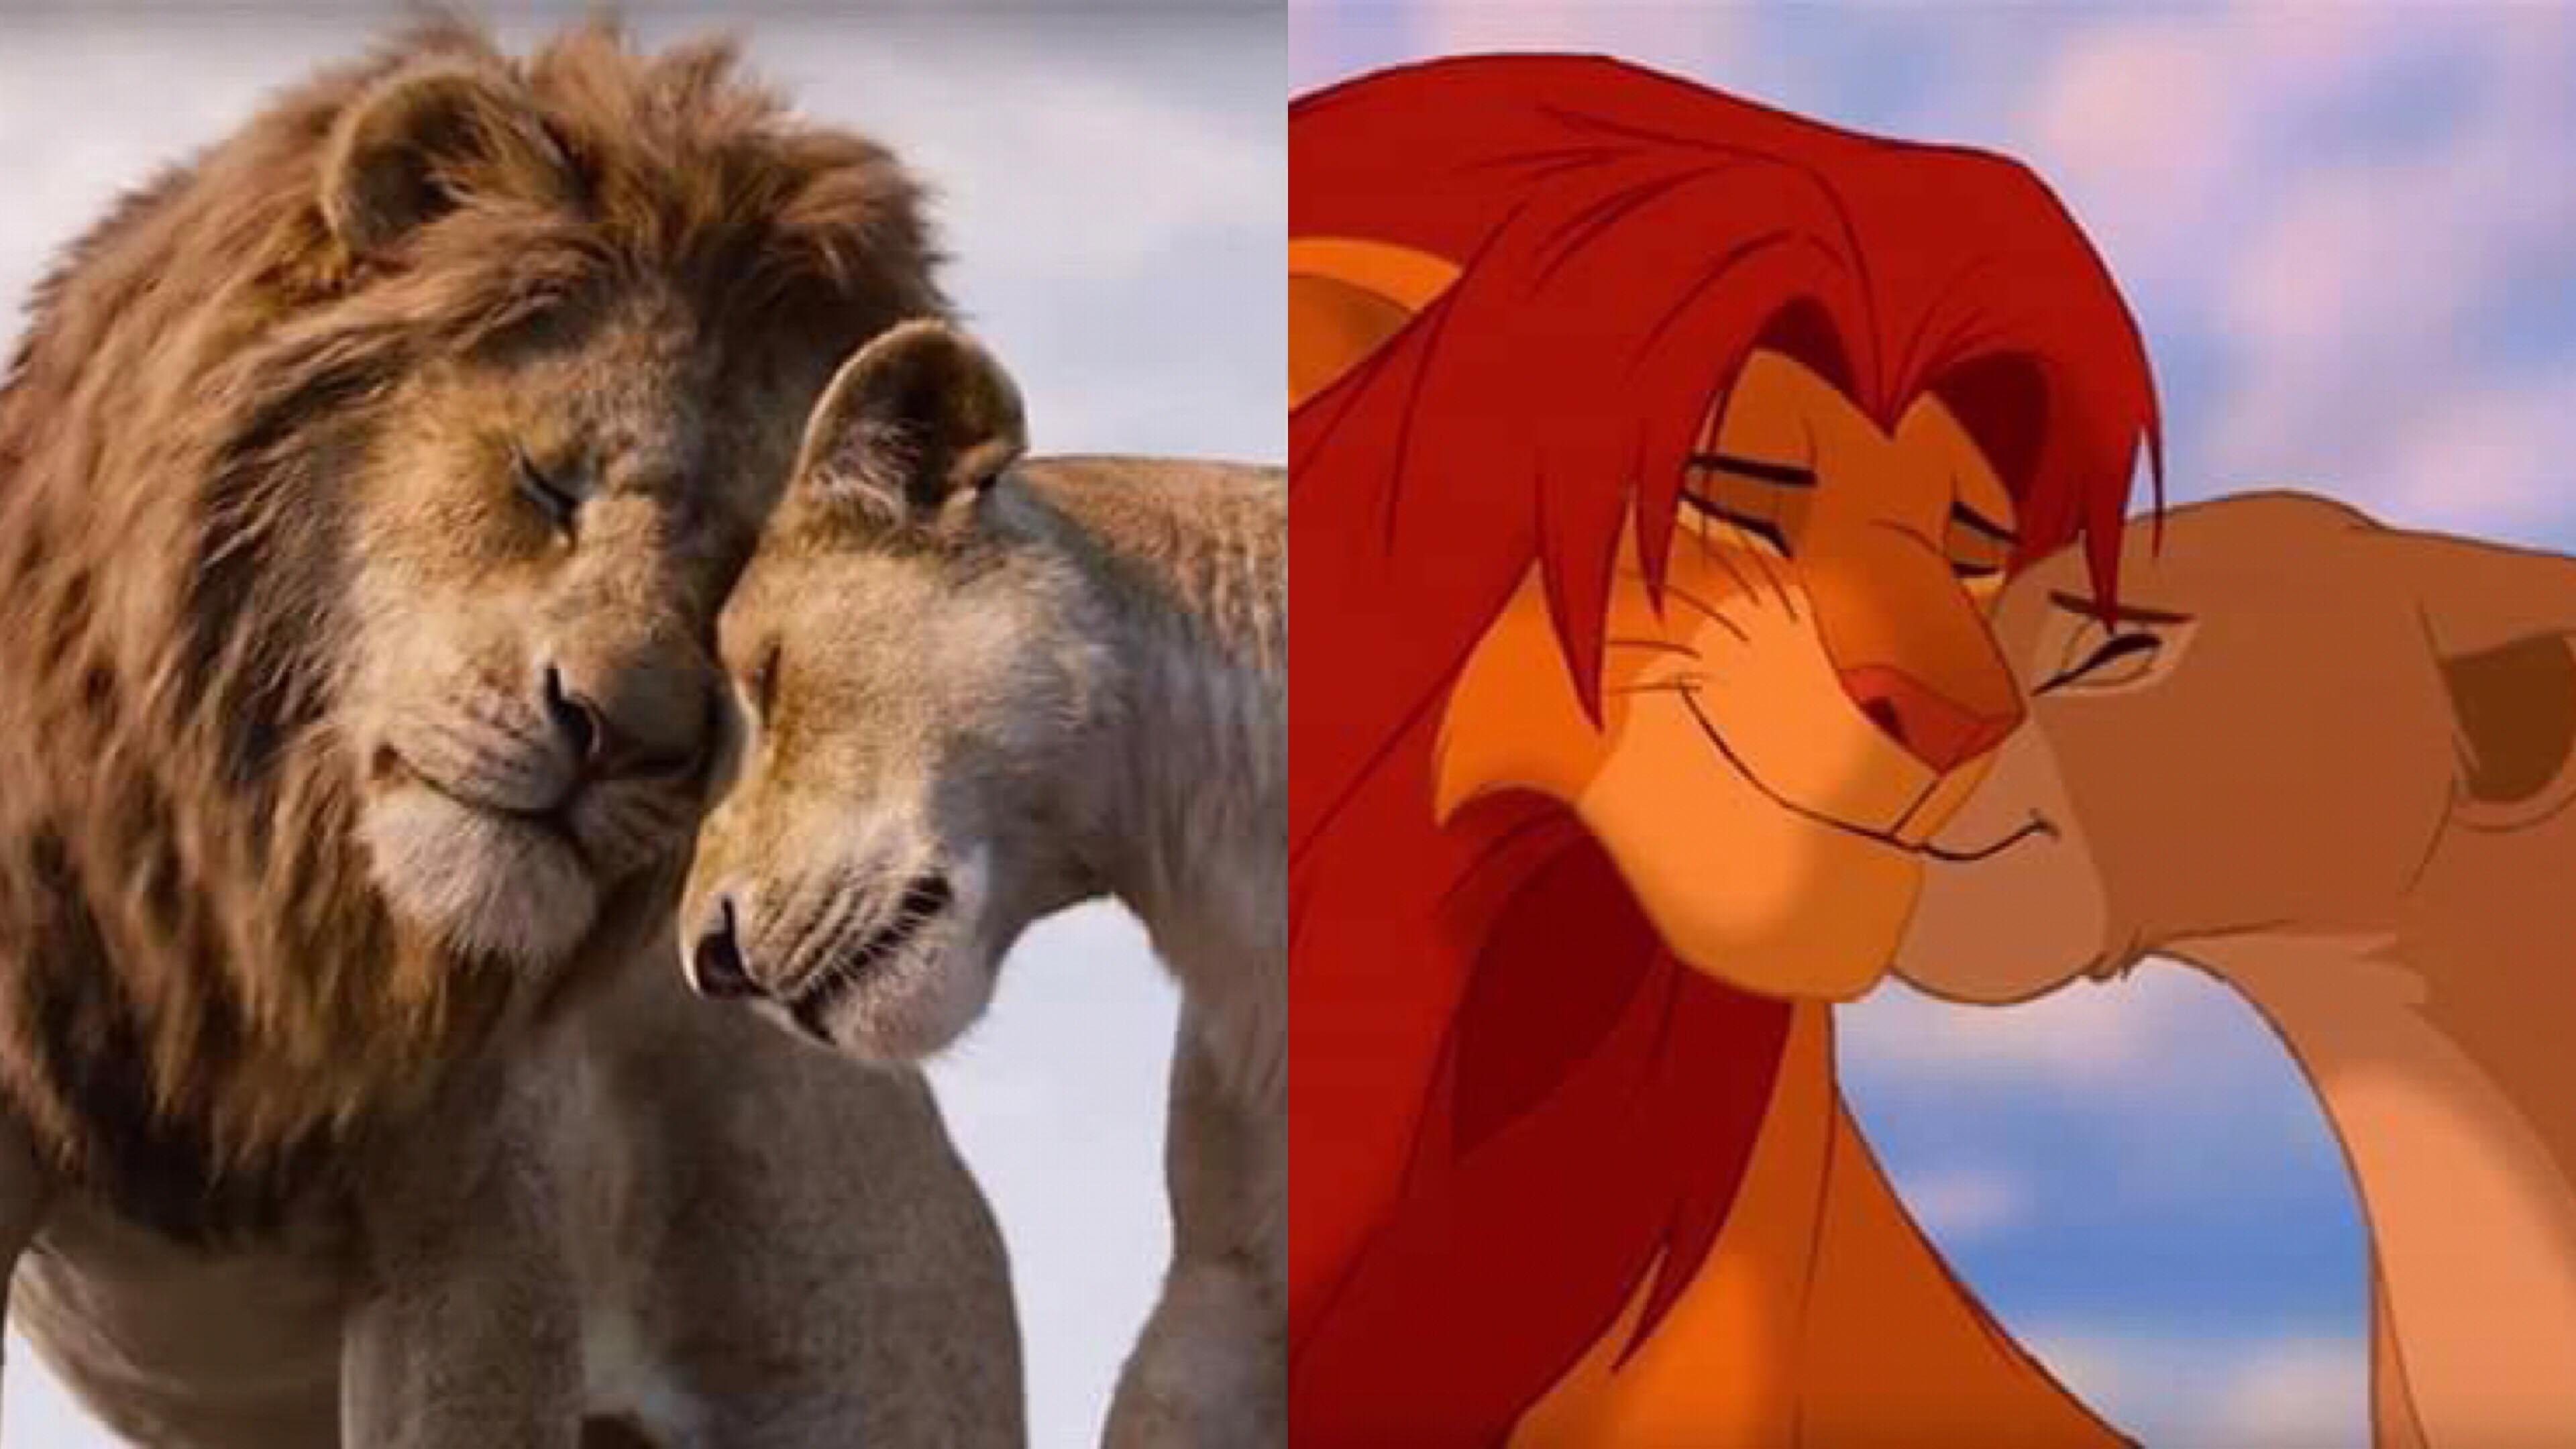 《獅子王》女主角娜娜的父親是誰?真人版與動畫版沒告訴你的一件事…. – 我們用電影寫日記